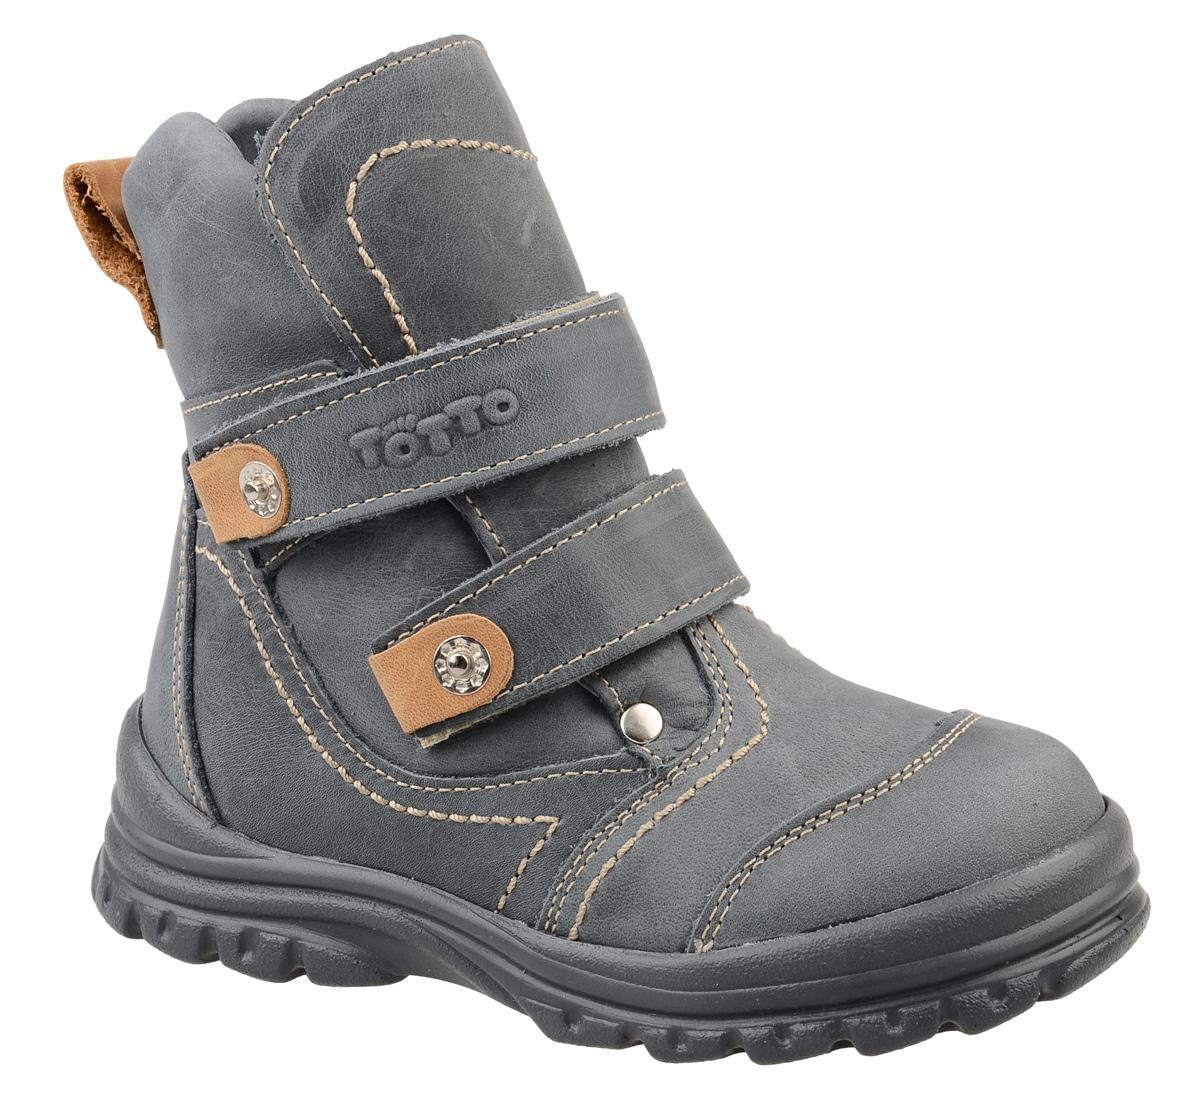 Сапоги для мальчика Тотто, цвет: серый, коричневый. 215-МП. Размер 21215-МПСапоги для мальчика Тотто - это ортопедическая обувь, которая помогает правильному формированию стопы ребенка. Такая обувь необходима в детском возрасте для коррекции стоп при плоскостопии и вальгусной деформации, а также для профилактики этих состояний. Она обеспечивает правильное распределение нагрузки на передний отдел стопы и пятку, за счет чего малыш лучше удерживает равновесие и чувствует себя более уверенно. Обувь Тотто идеально подходит для детей, которые только начали ходить.Верх сапог выполнен из натуральной кожи. Подошва изготовлена из легкого, гибкого и прочного термопластичного материала, она смягчает удары от соприкосновения обуви с поверхностью, защищая детскую ножку от травм. Протектор подошвы обеспечивает надежное сцепление с землей или асфальтом. Внутренняя поверхность и стелька отделаны байкой. Сапоги застегиваются с помощью ремешков на липучки, благодаря которым можно регулировать объем обуви. Весь модельный ряд Тотто характеризует: плотный захват голеностопа, мягкие нейтрализующие швы, жесткий задник продлен до середины стопы, стельки со сводоподдерживающим эффектом, натуральная кожа.